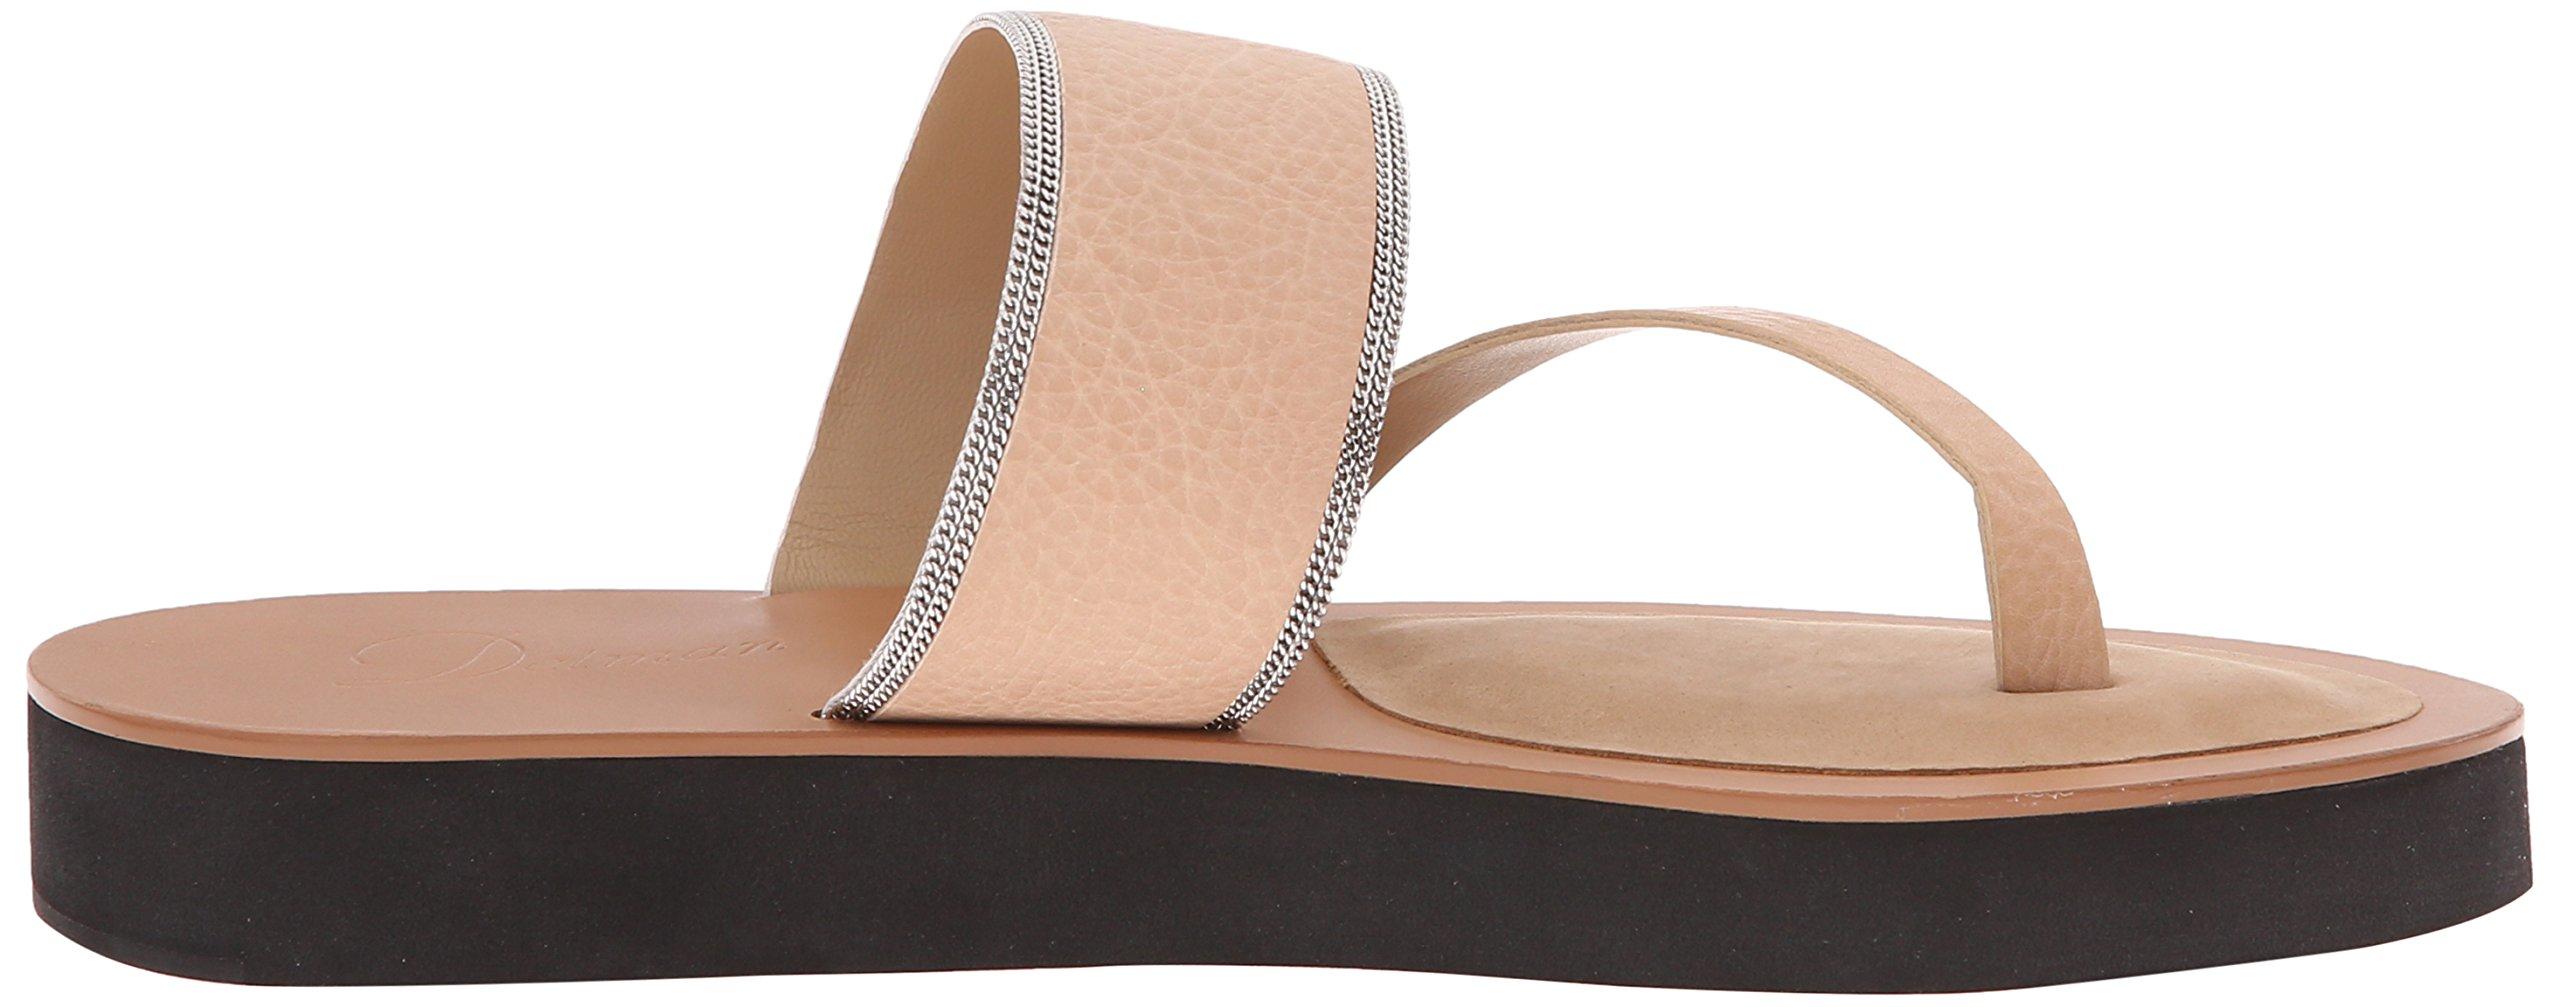 Delman Women's D-Una-V Slide Sandal, Sand Dune Vachetta/Fine Chain, 9.5 M US by Delman (Image #7)